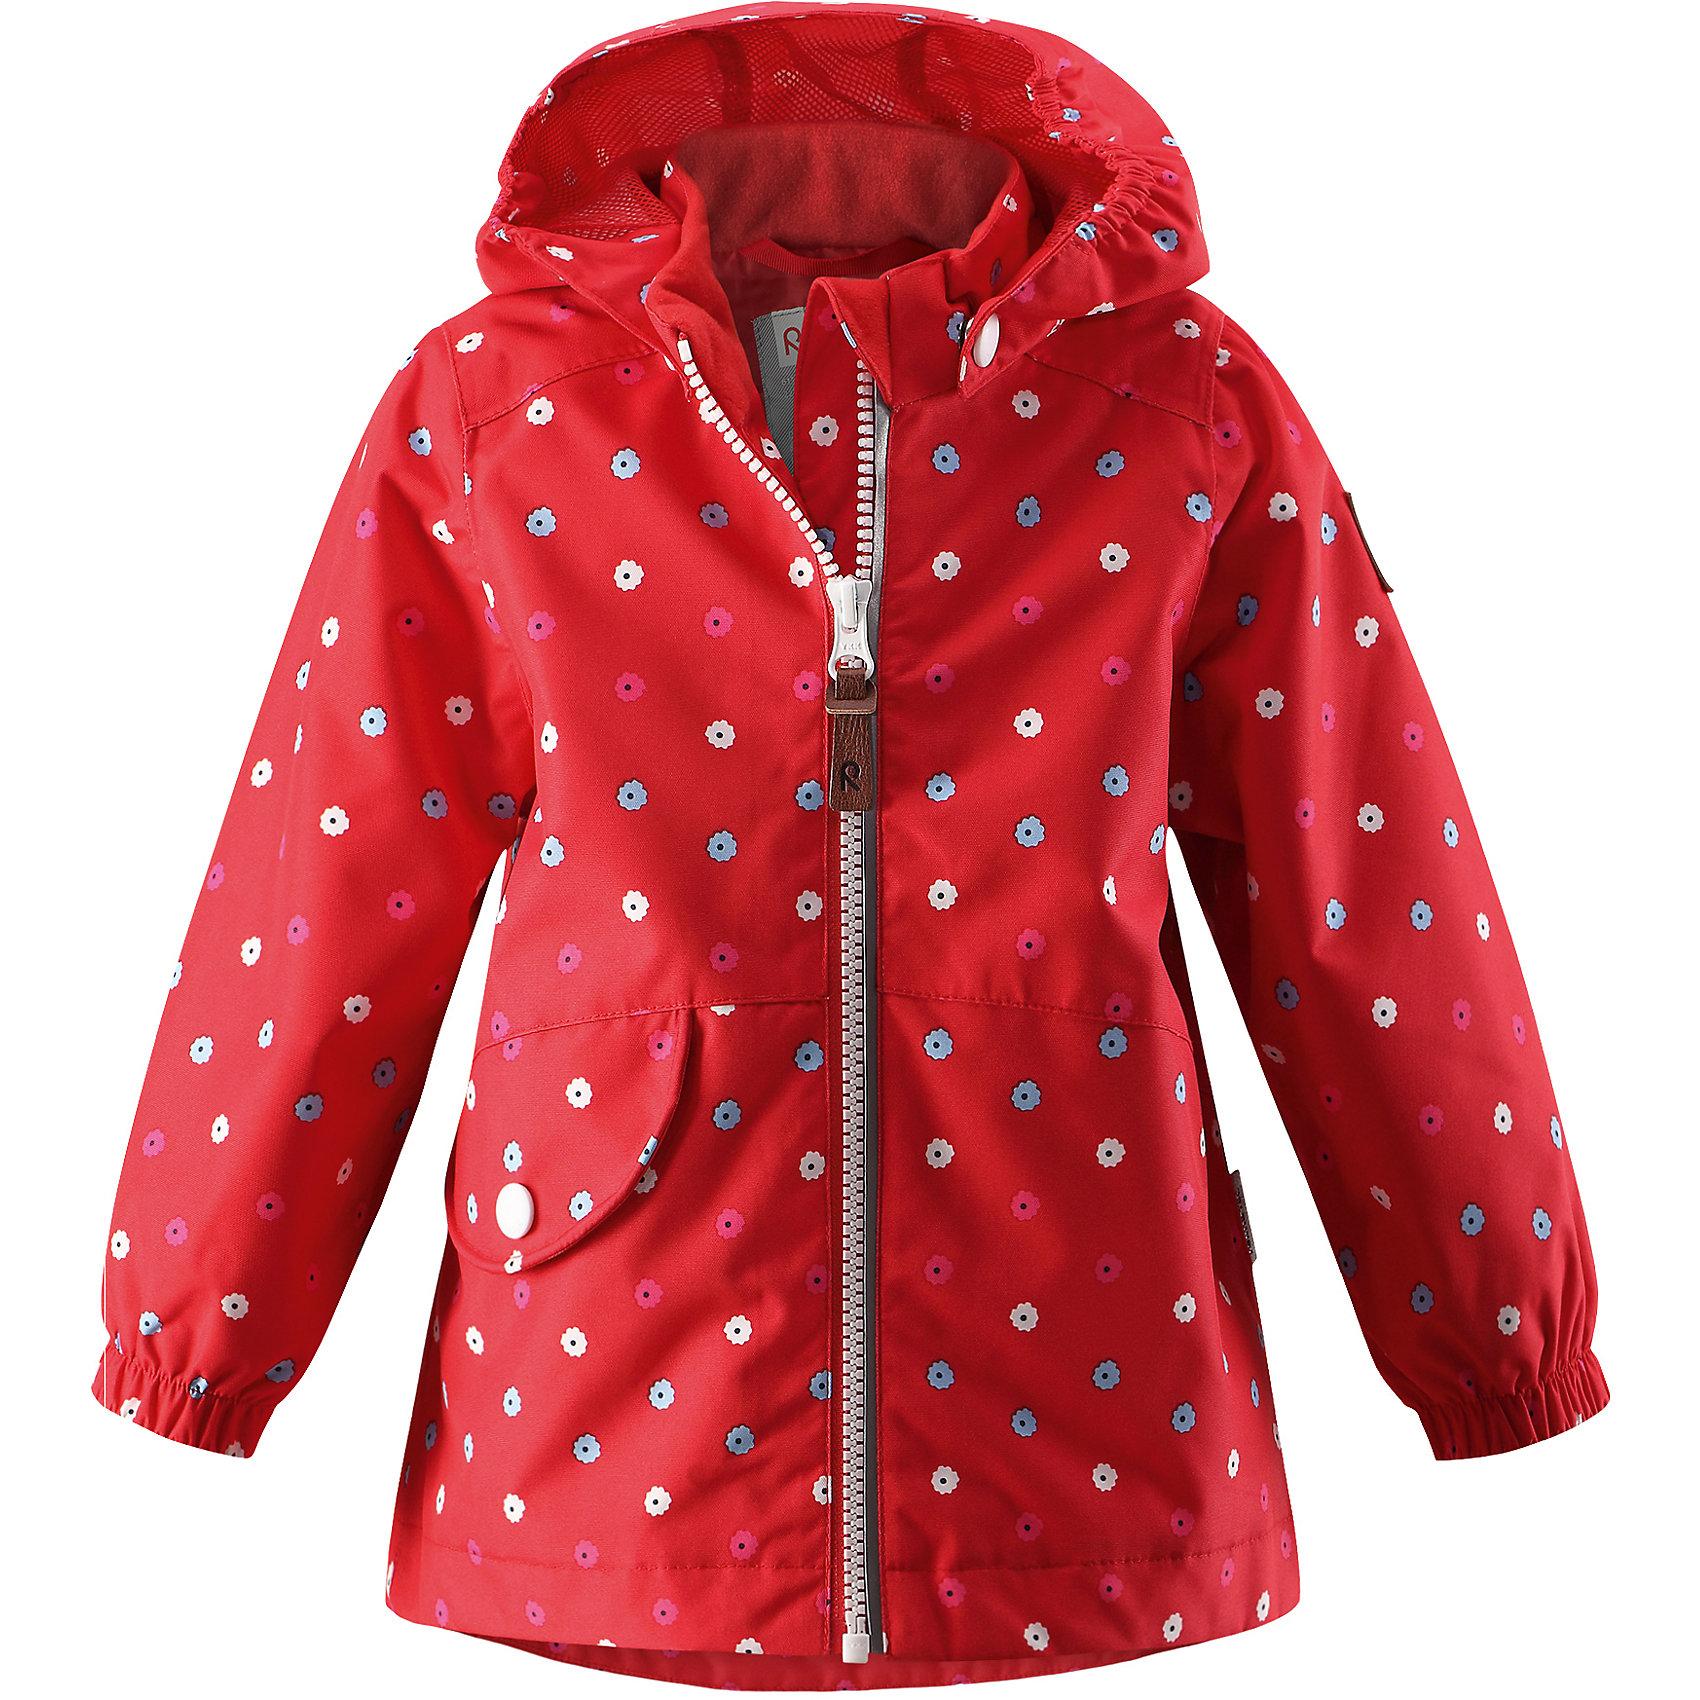 Куртка Hymy для девочки Reimatec® ReimaВерхняя одежда<br>Характеристики товара:<br><br>• цвет: красный<br>• состав: 100% полиэстер, полиуретановое покрытие<br>• температурный режим от +5° до +15°С<br>• водонепроницаемость: 8000 мм<br>• воздухопроницаемость: 5000 мм<br>• износостойкость: 30000 циклов (тест Мартиндейла)<br>• без утеплителя<br>• швы проклеены, водонепроницаемы<br>• водо- и ветронепроницаемый, дышащий, грязеотталкивающий материал<br>• гладкая подкладка из полиэстера<br>• эластичные манжеты<br>• удлиненный сзади подол<br>• отстегивающийся капюшон<br>• карман с клапаном<br>• светоотражающие детали<br>• комфортная посадка<br>• страна производства: Китай<br>• страна бренда: Финляндия<br>• коллекция: весна-лето 2017<br><br>Верхняя одежда для детей может быть модной и комфортной одновременно! Демисезонная куртка поможет обеспечить ребенку комфорт и тепло. Она отлично смотрится с различной одеждой и обувью. Изделие удобно сидит и модно выглядит. Материал - прочный, хорошо подходящий для межсезонья, водо- и ветронепроницаемый, «дышащий». Стильный дизайн разрабатывался специально для детей.<br><br>Одежда и обувь от финского бренда Reima пользуется популярностью во многих странах. Эти изделия стильные, качественные и удобные. Для производства продукции используются только безопасные, проверенные материалы и фурнитура. Порадуйте ребенка модными и красивыми вещами от Reima! <br><br>Куртку для девочки Reimatec® от финского бренда Reima (Рейма) можно купить в нашем интернет-магазине.<br><br>Ширина мм: 455<br>Глубина мм: 378<br>Высота мм: 73<br>Вес г: 292<br>Цвет: красный<br>Возраст от месяцев: 11<br>Возраст до месяцев: 15<br>Пол: Женский<br>Возраст: Детский<br>Размер: 80,98,86,74,92<br>SKU: 5265568